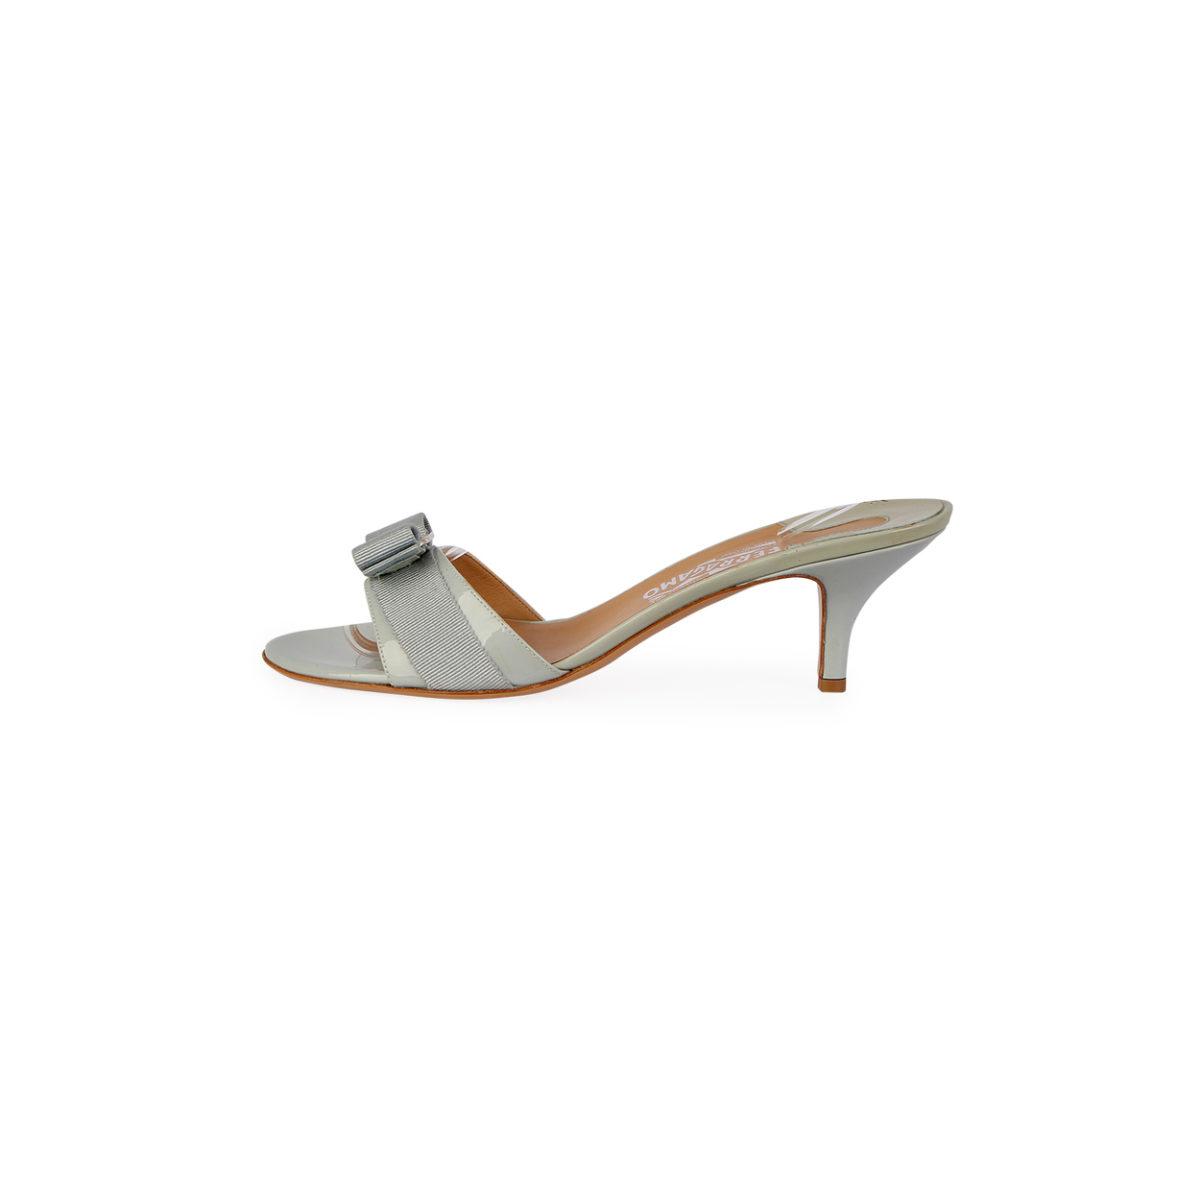 aa78aa8299 SALVATORE FERRAGAMO Patent Glory Kitten Heel Sandals Light Blue – S ...